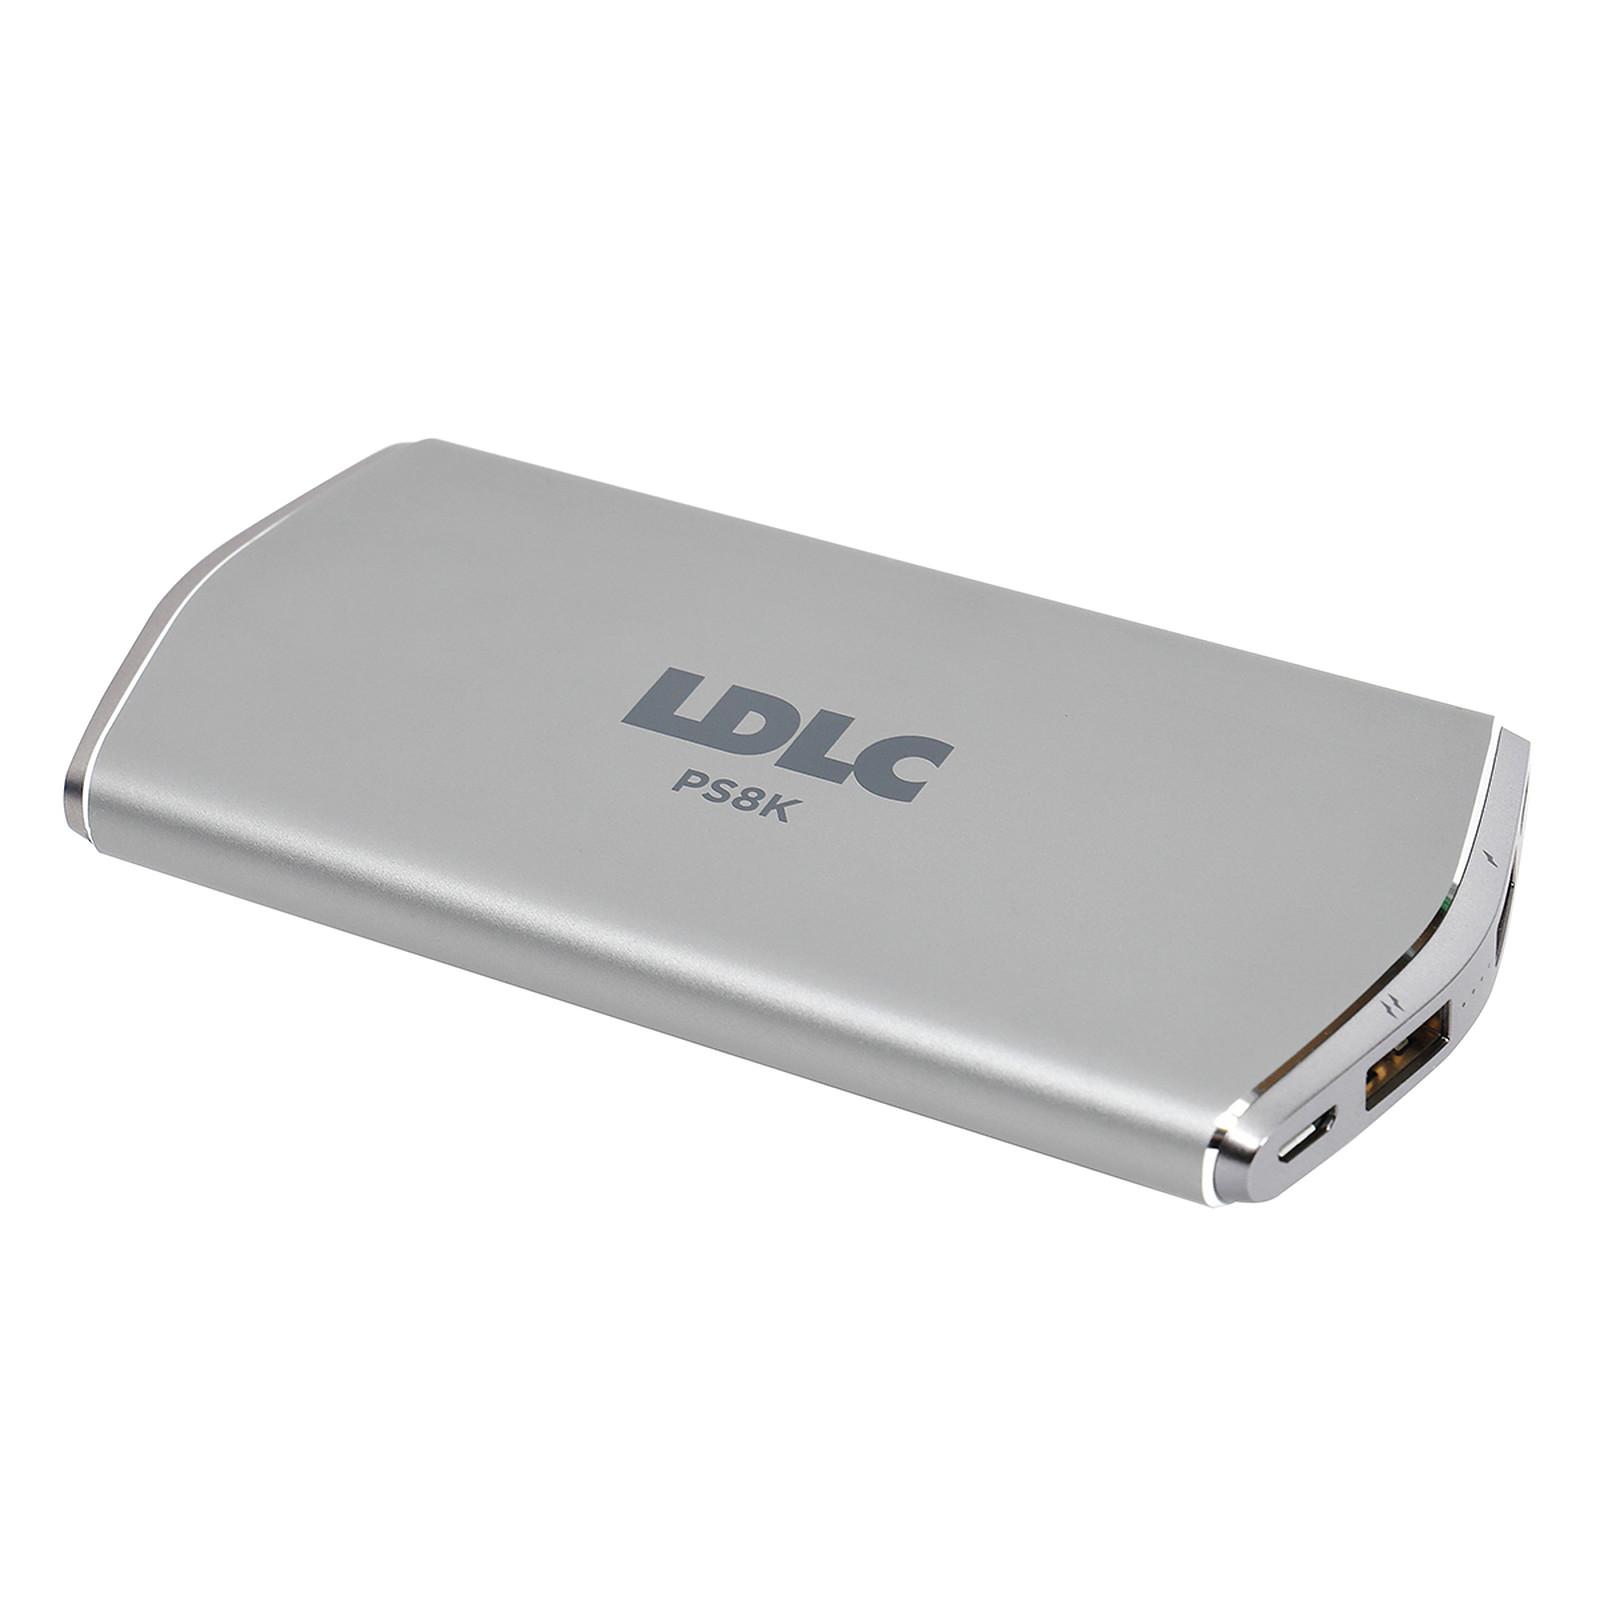 LDLC Power Bank PS8K